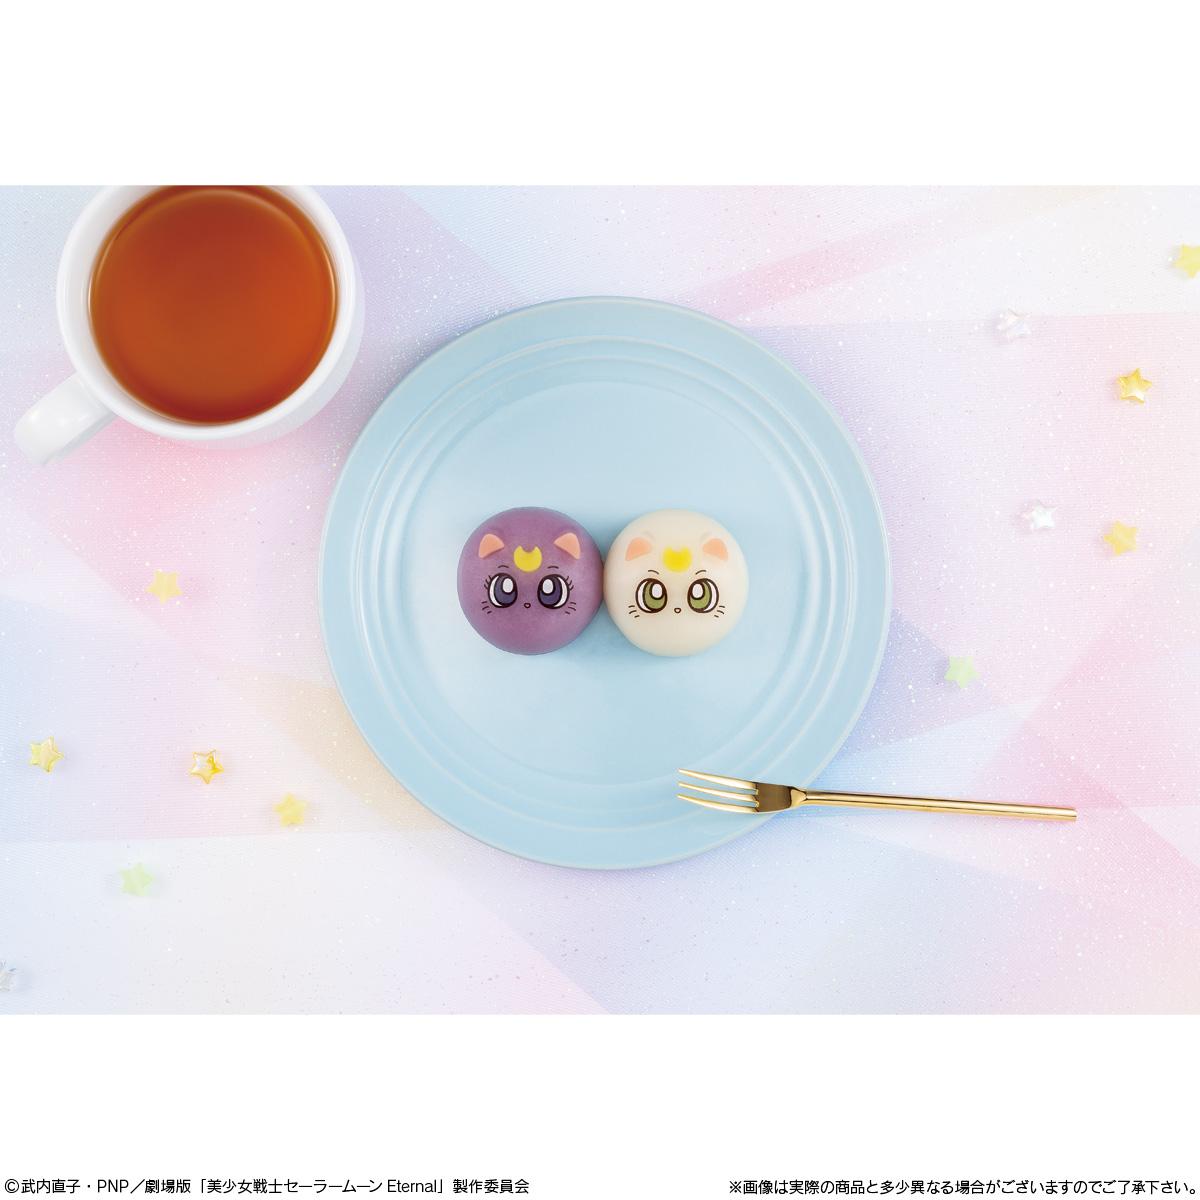 食べマスモッチ 劇場版「美少女戦士セーラームーンEternal」_7